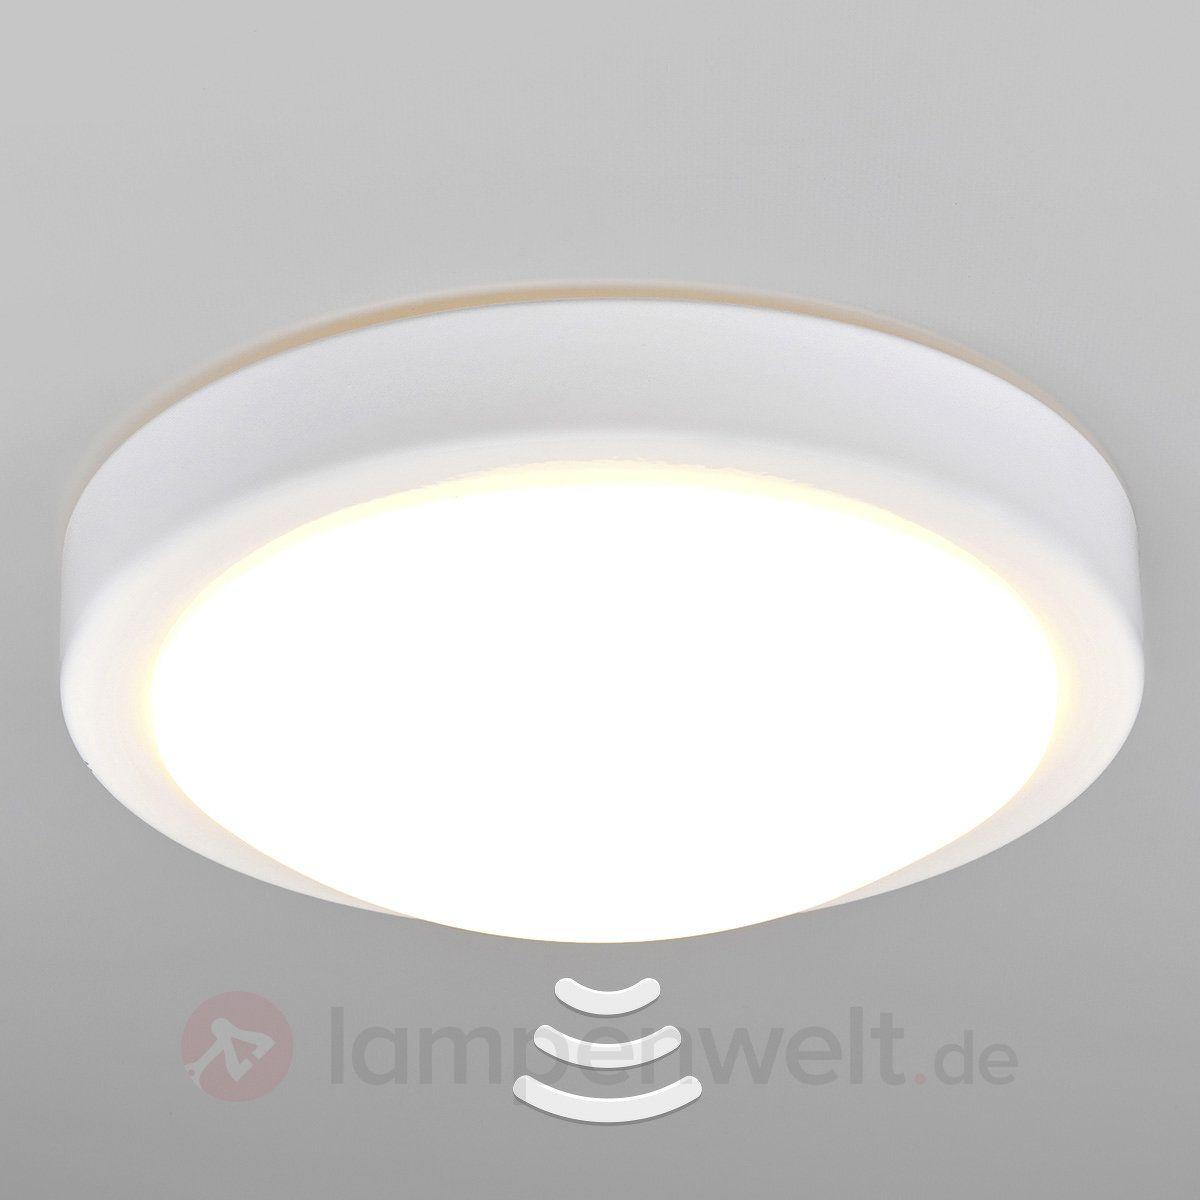 Badezimmer-LED-Deckenlampe Aras mit Sensor, weiß kaufen ...